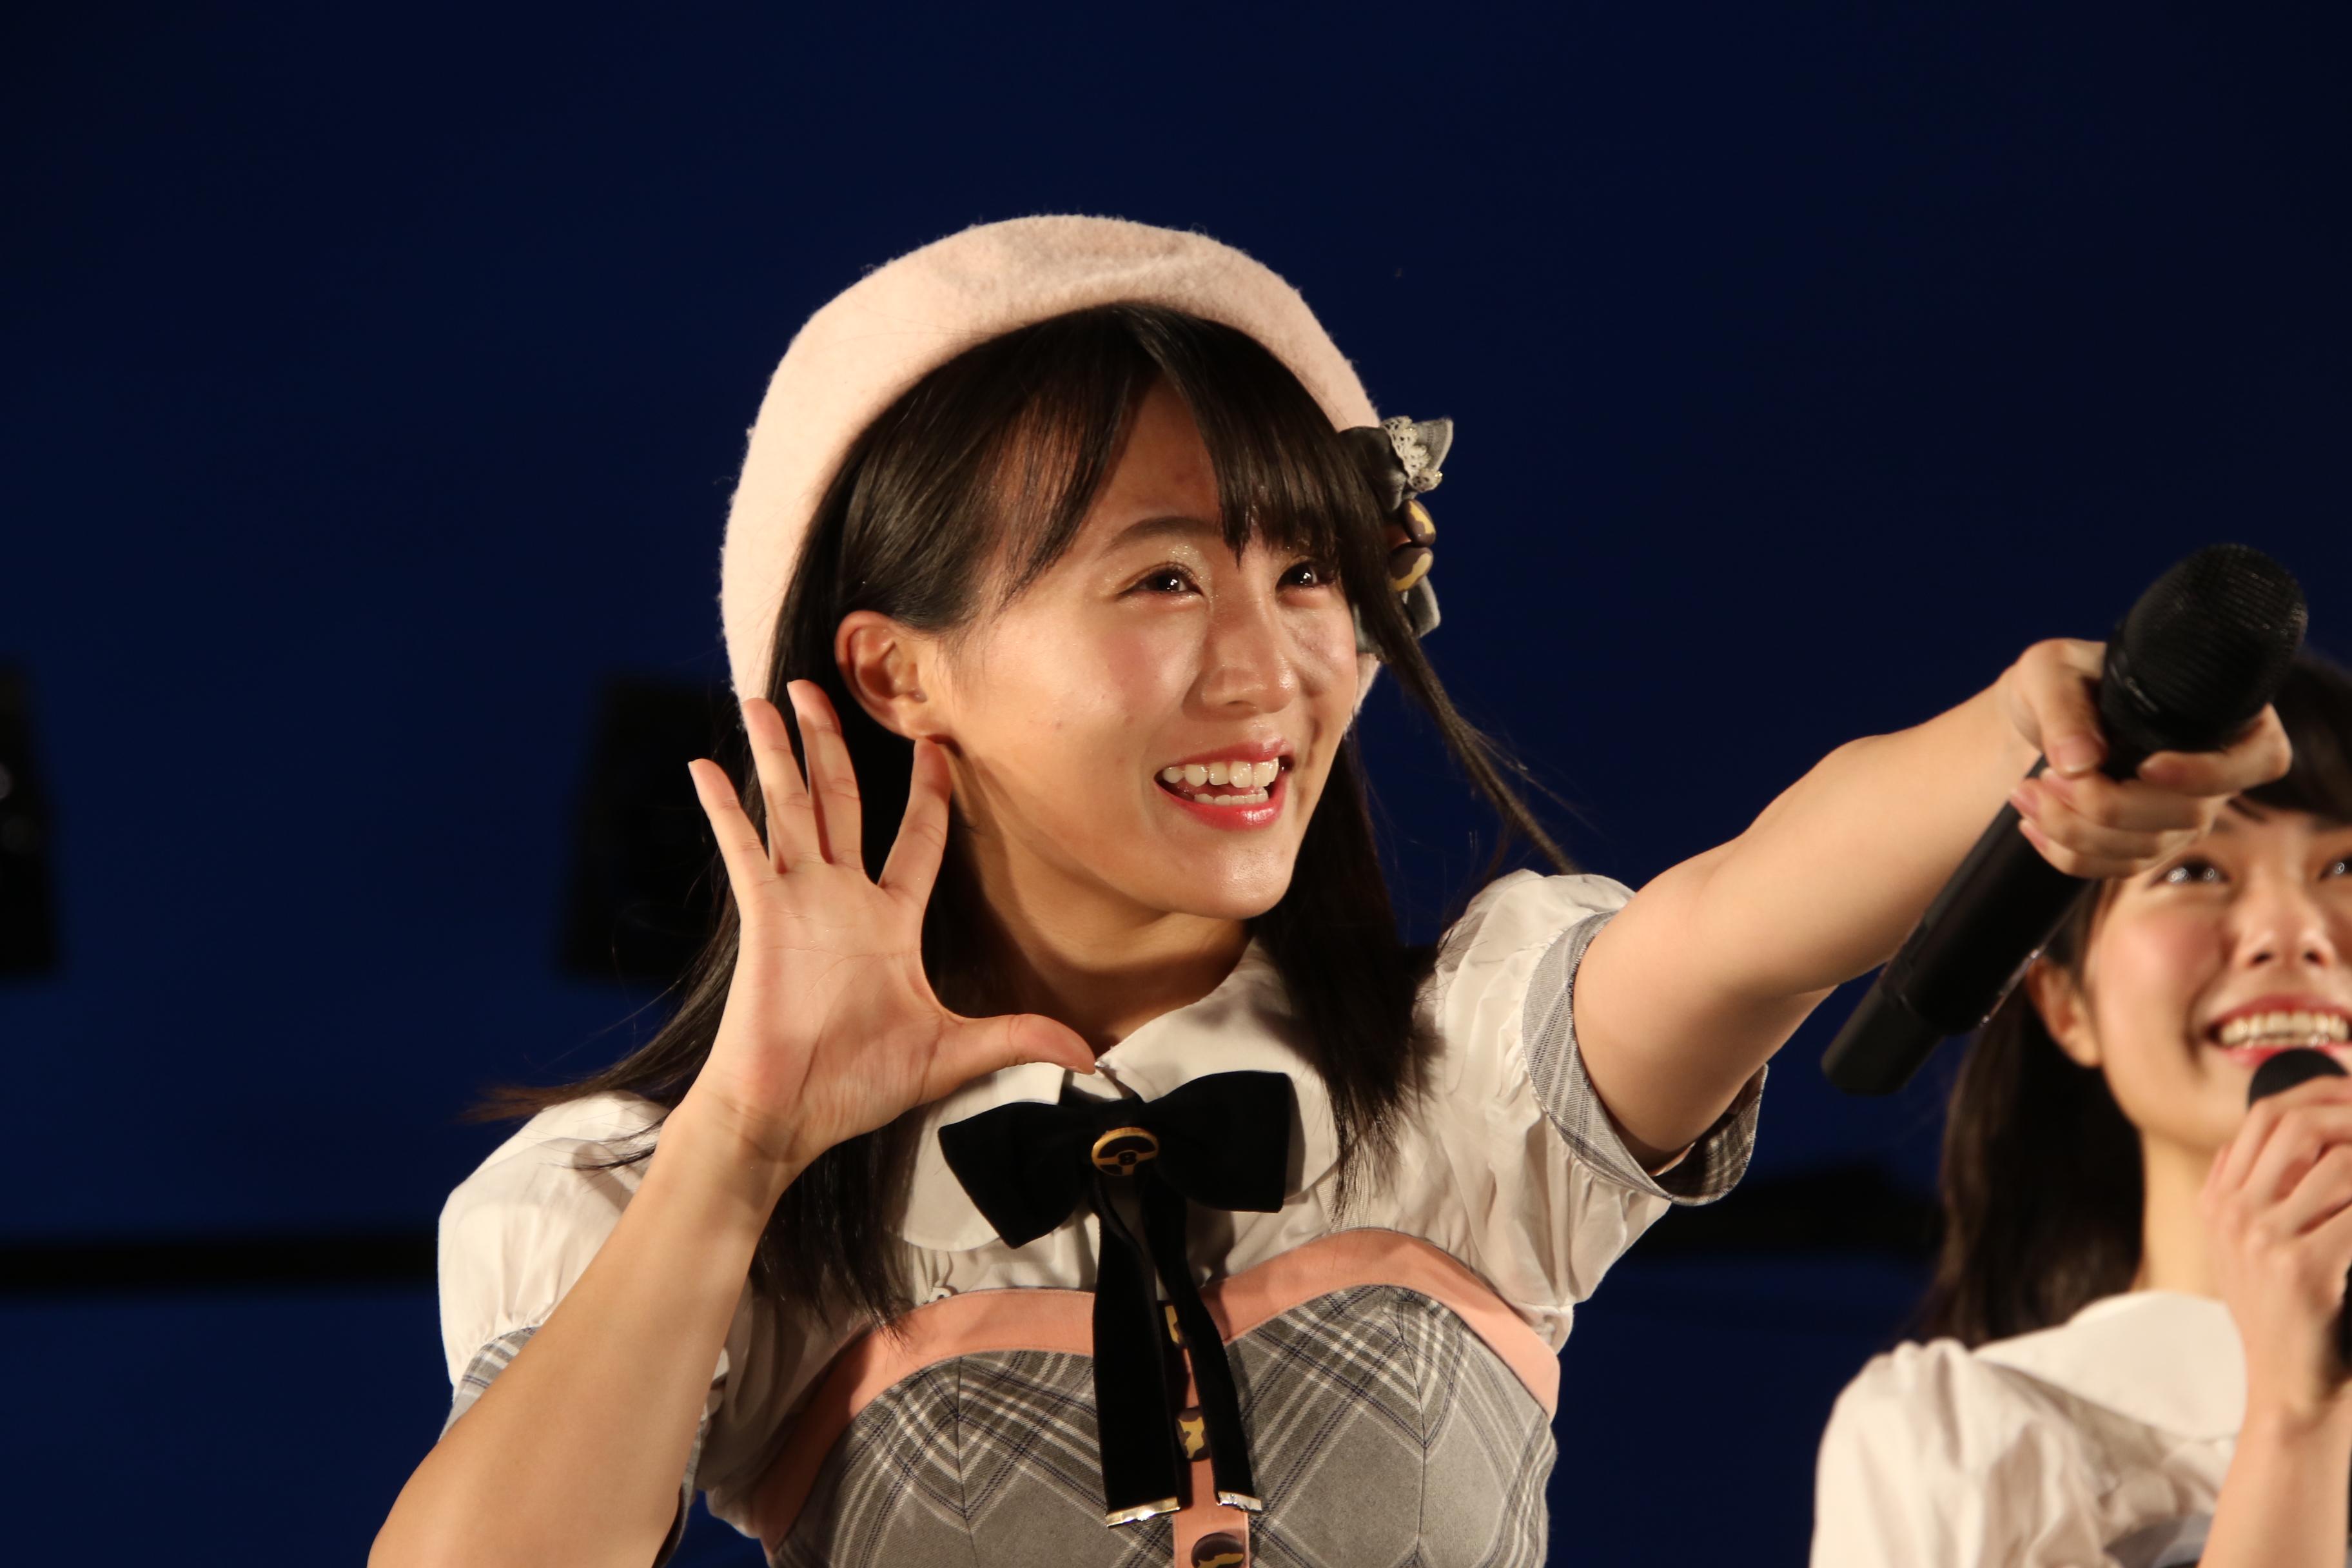 7月7日に横浜で開催された「アイドル横丁」での坂口。いつものベレー帽を着用